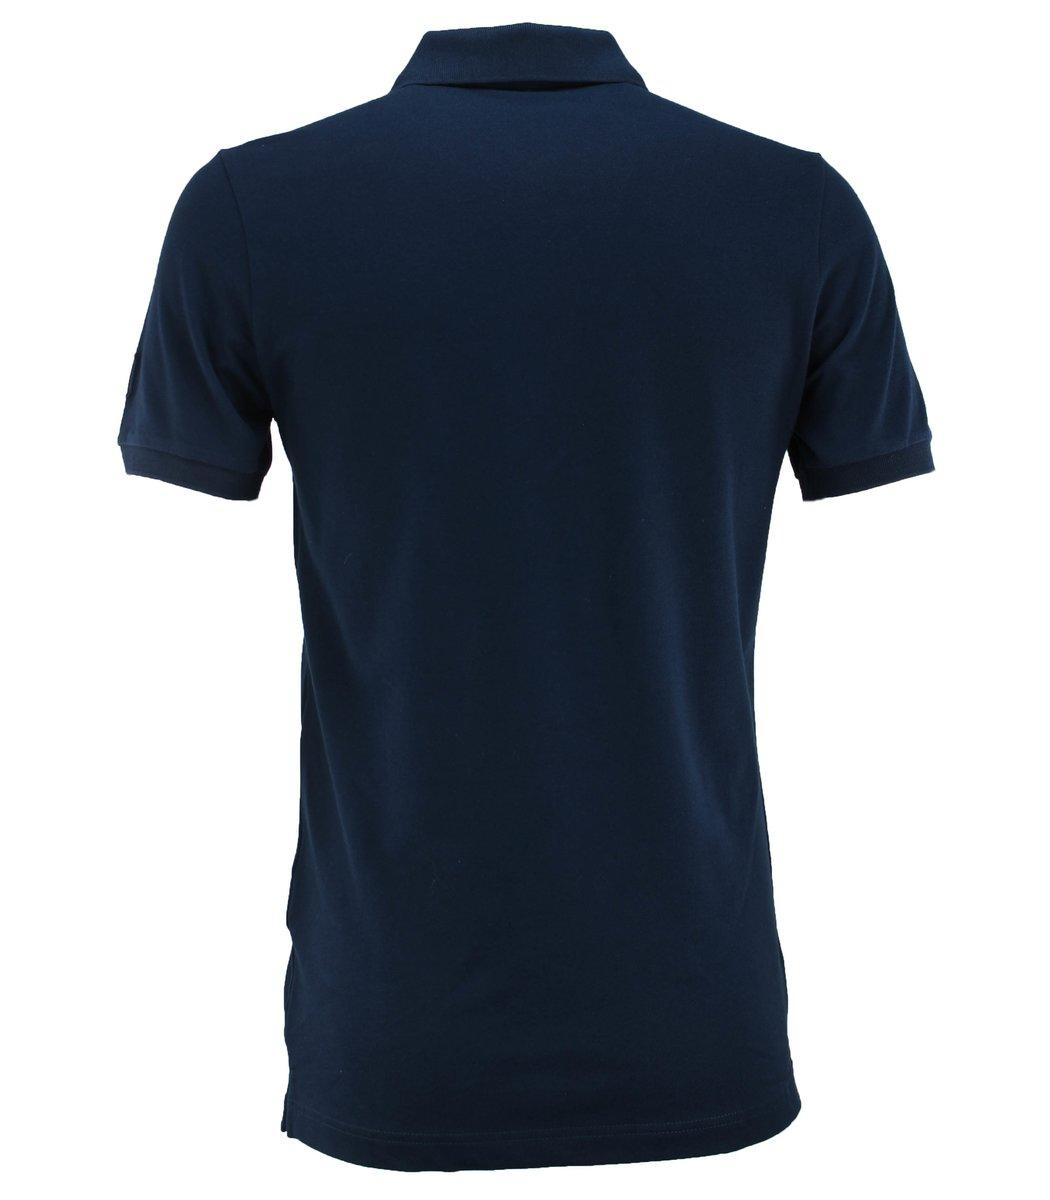 Тёмно-синяя футболка поло Paul&Shark TP1